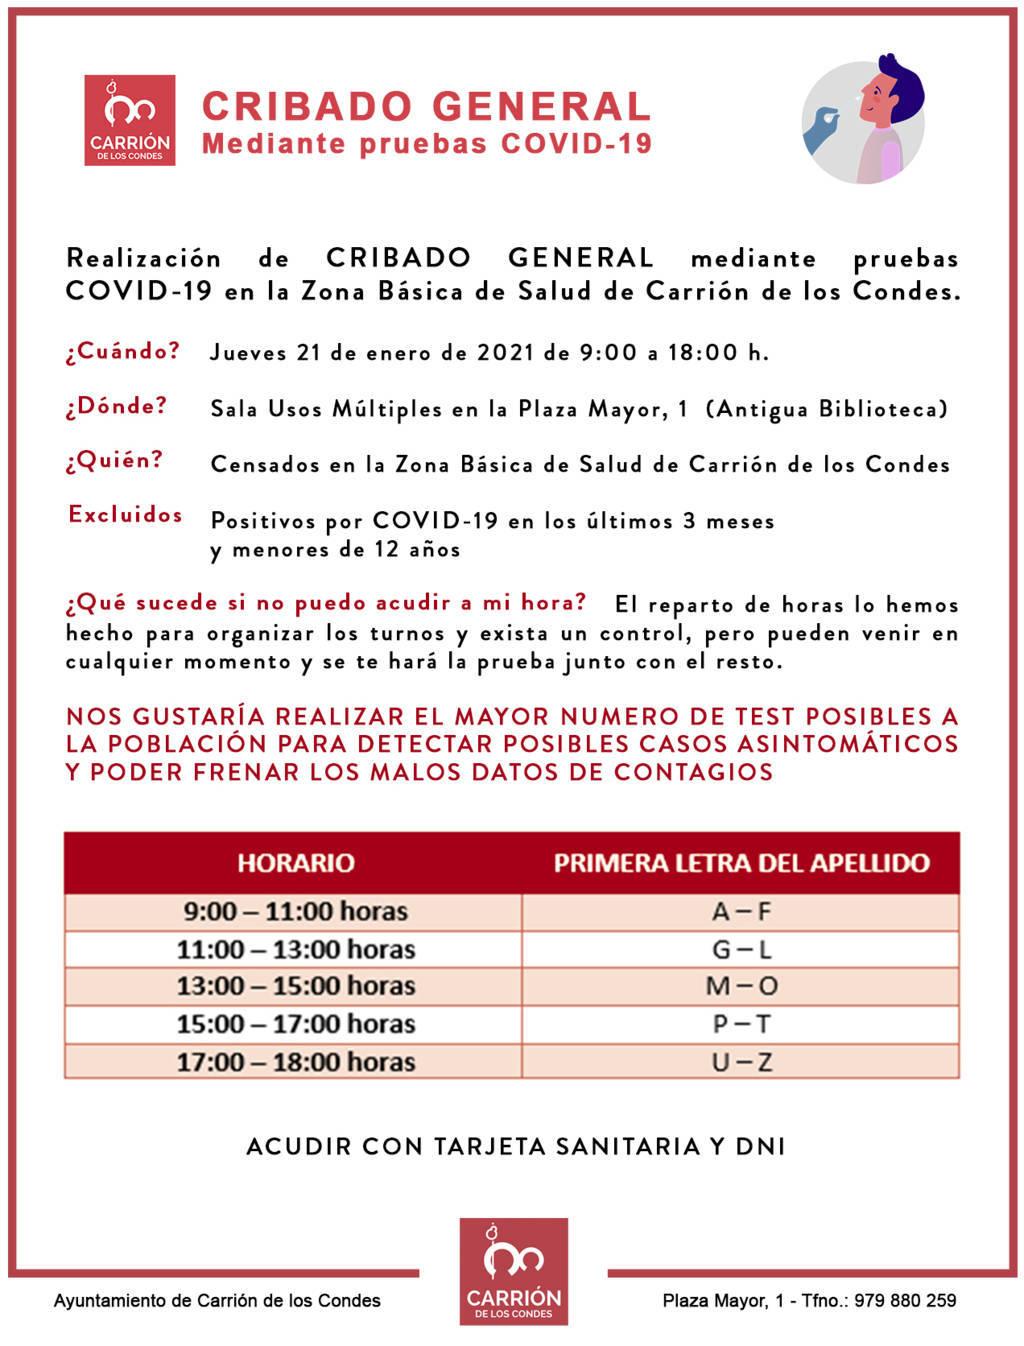 Reparto de horas y apellidos para el CRIBADO GENERAL mediante pruebas COVID-19